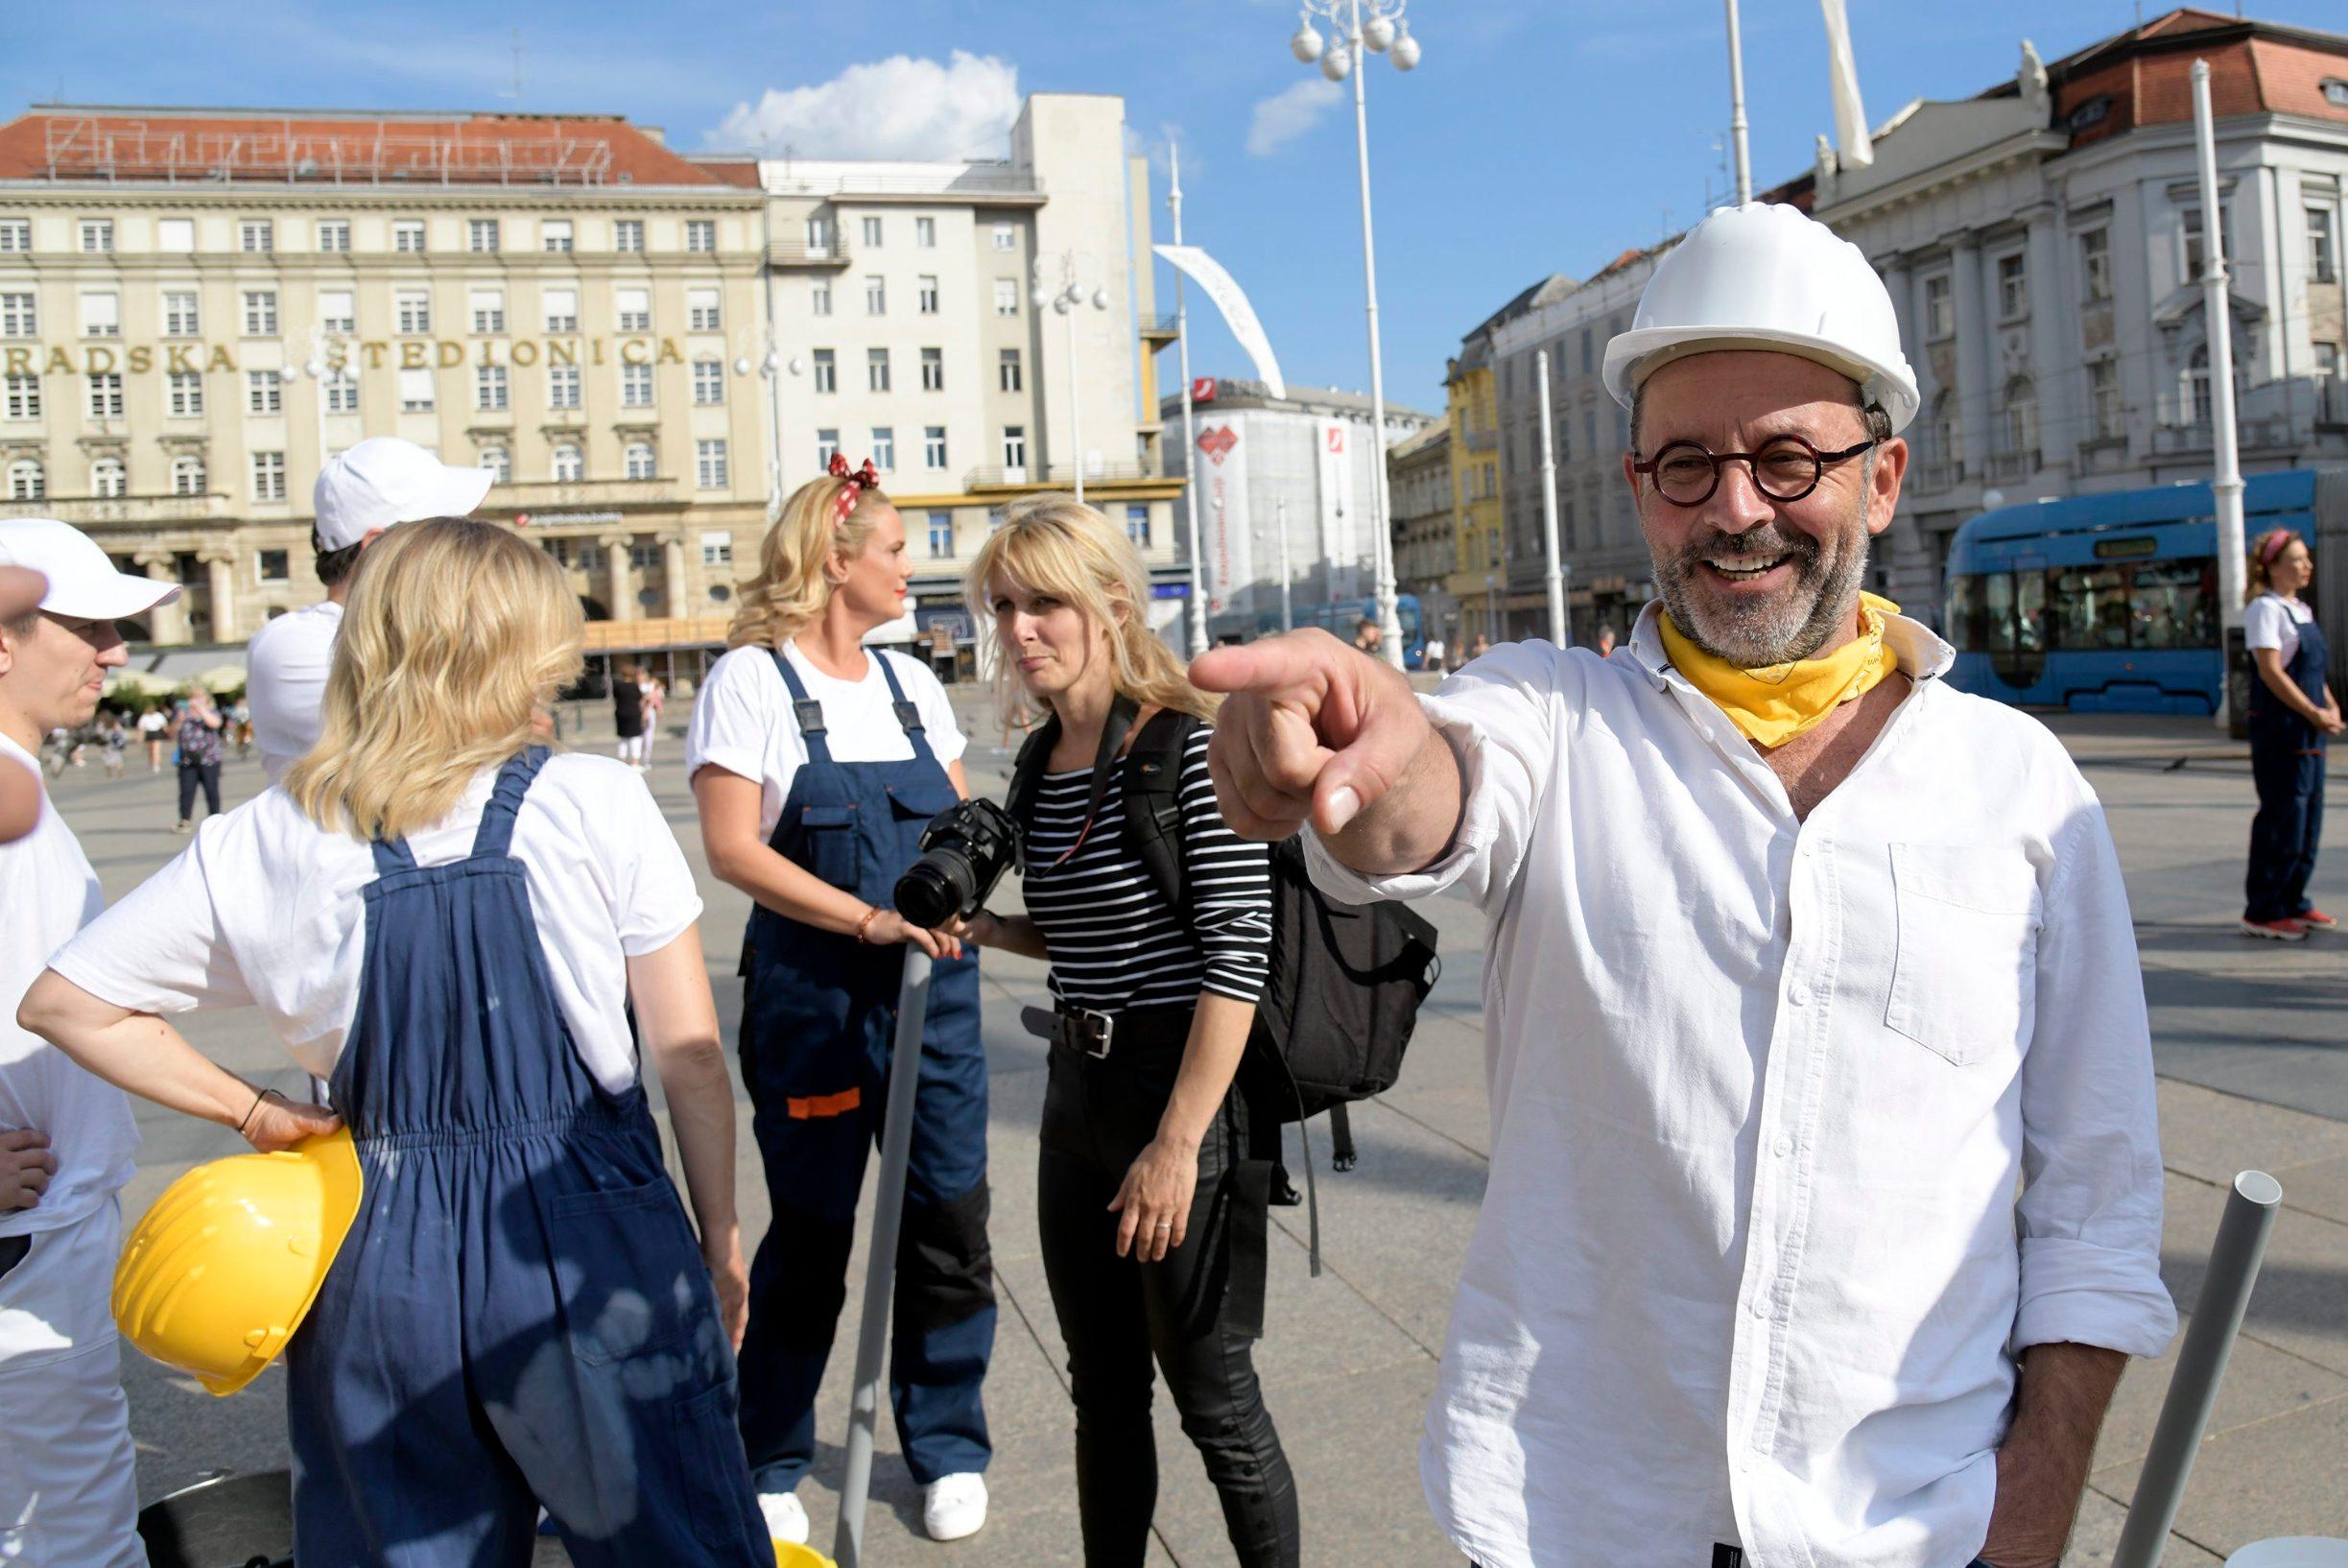 Zagreb, 090920 Jelacic plac, glumci kazalista Moruzgva odrzali su performans uoci premijere najnovije predstave Majstori. Na fotografijI: Kreso Dolencic. Foto: Bruno Konjevic / CROPIX